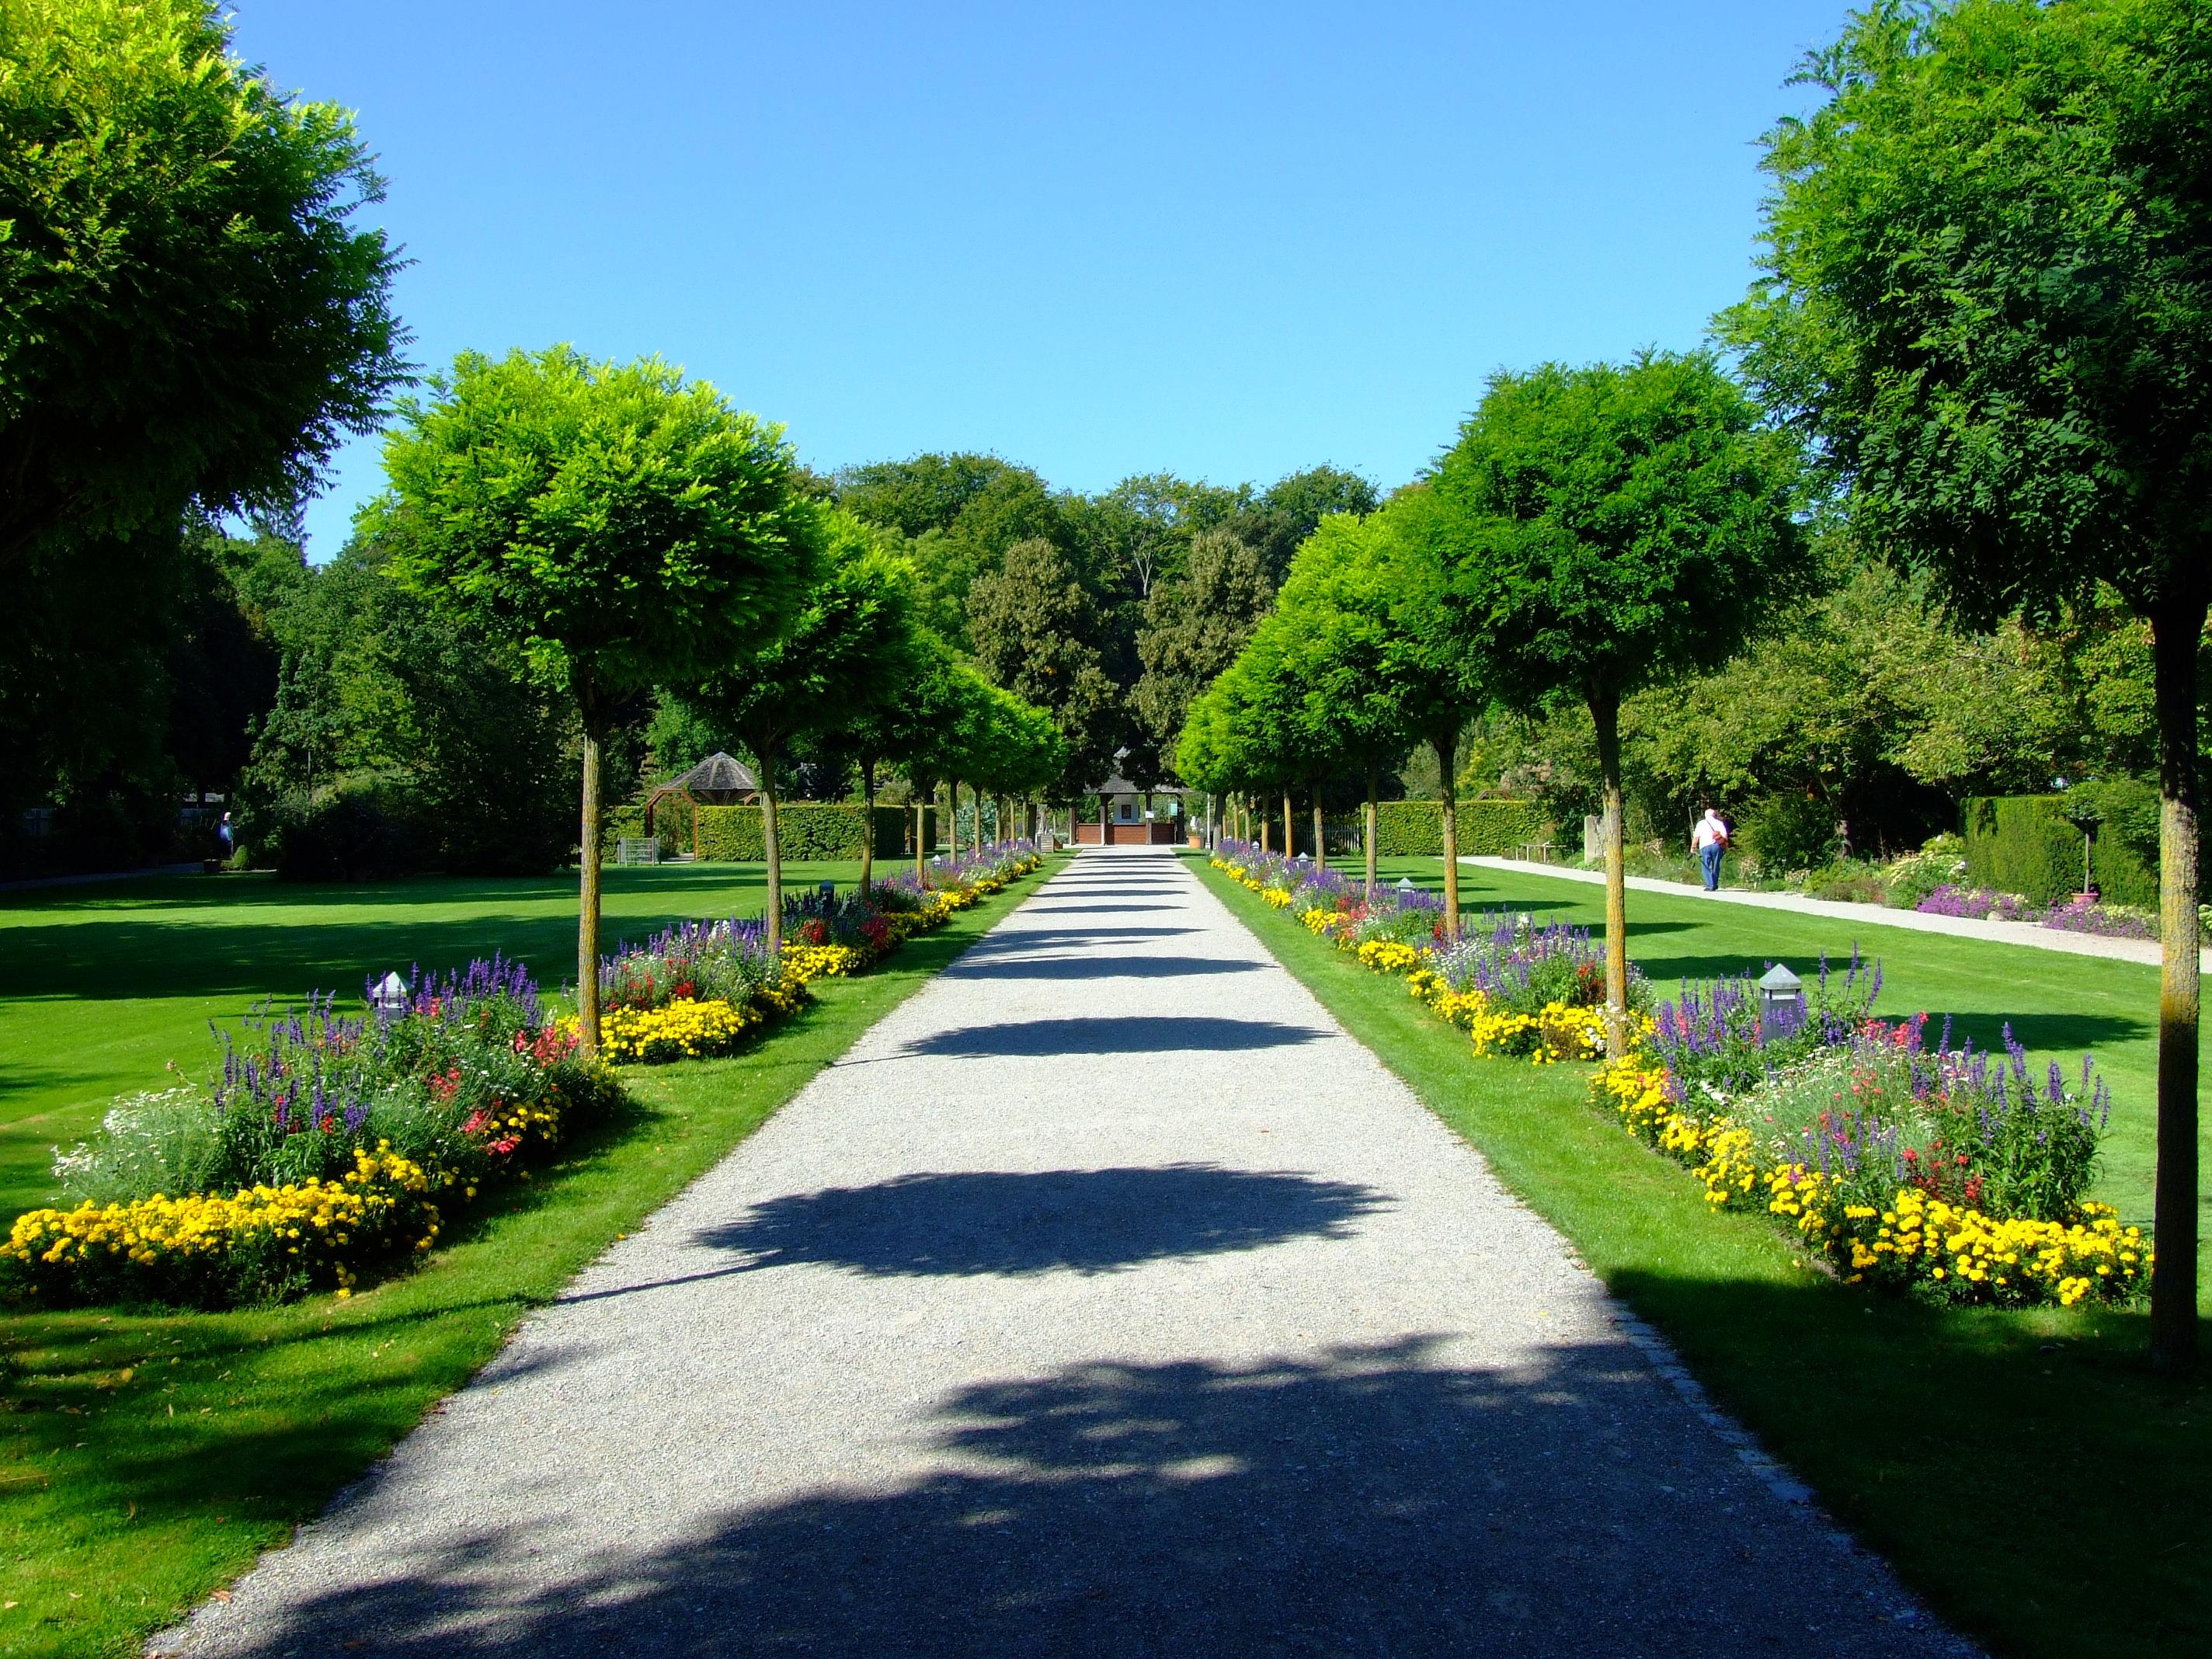 File:Augsburg Botanischer Garten.jpg